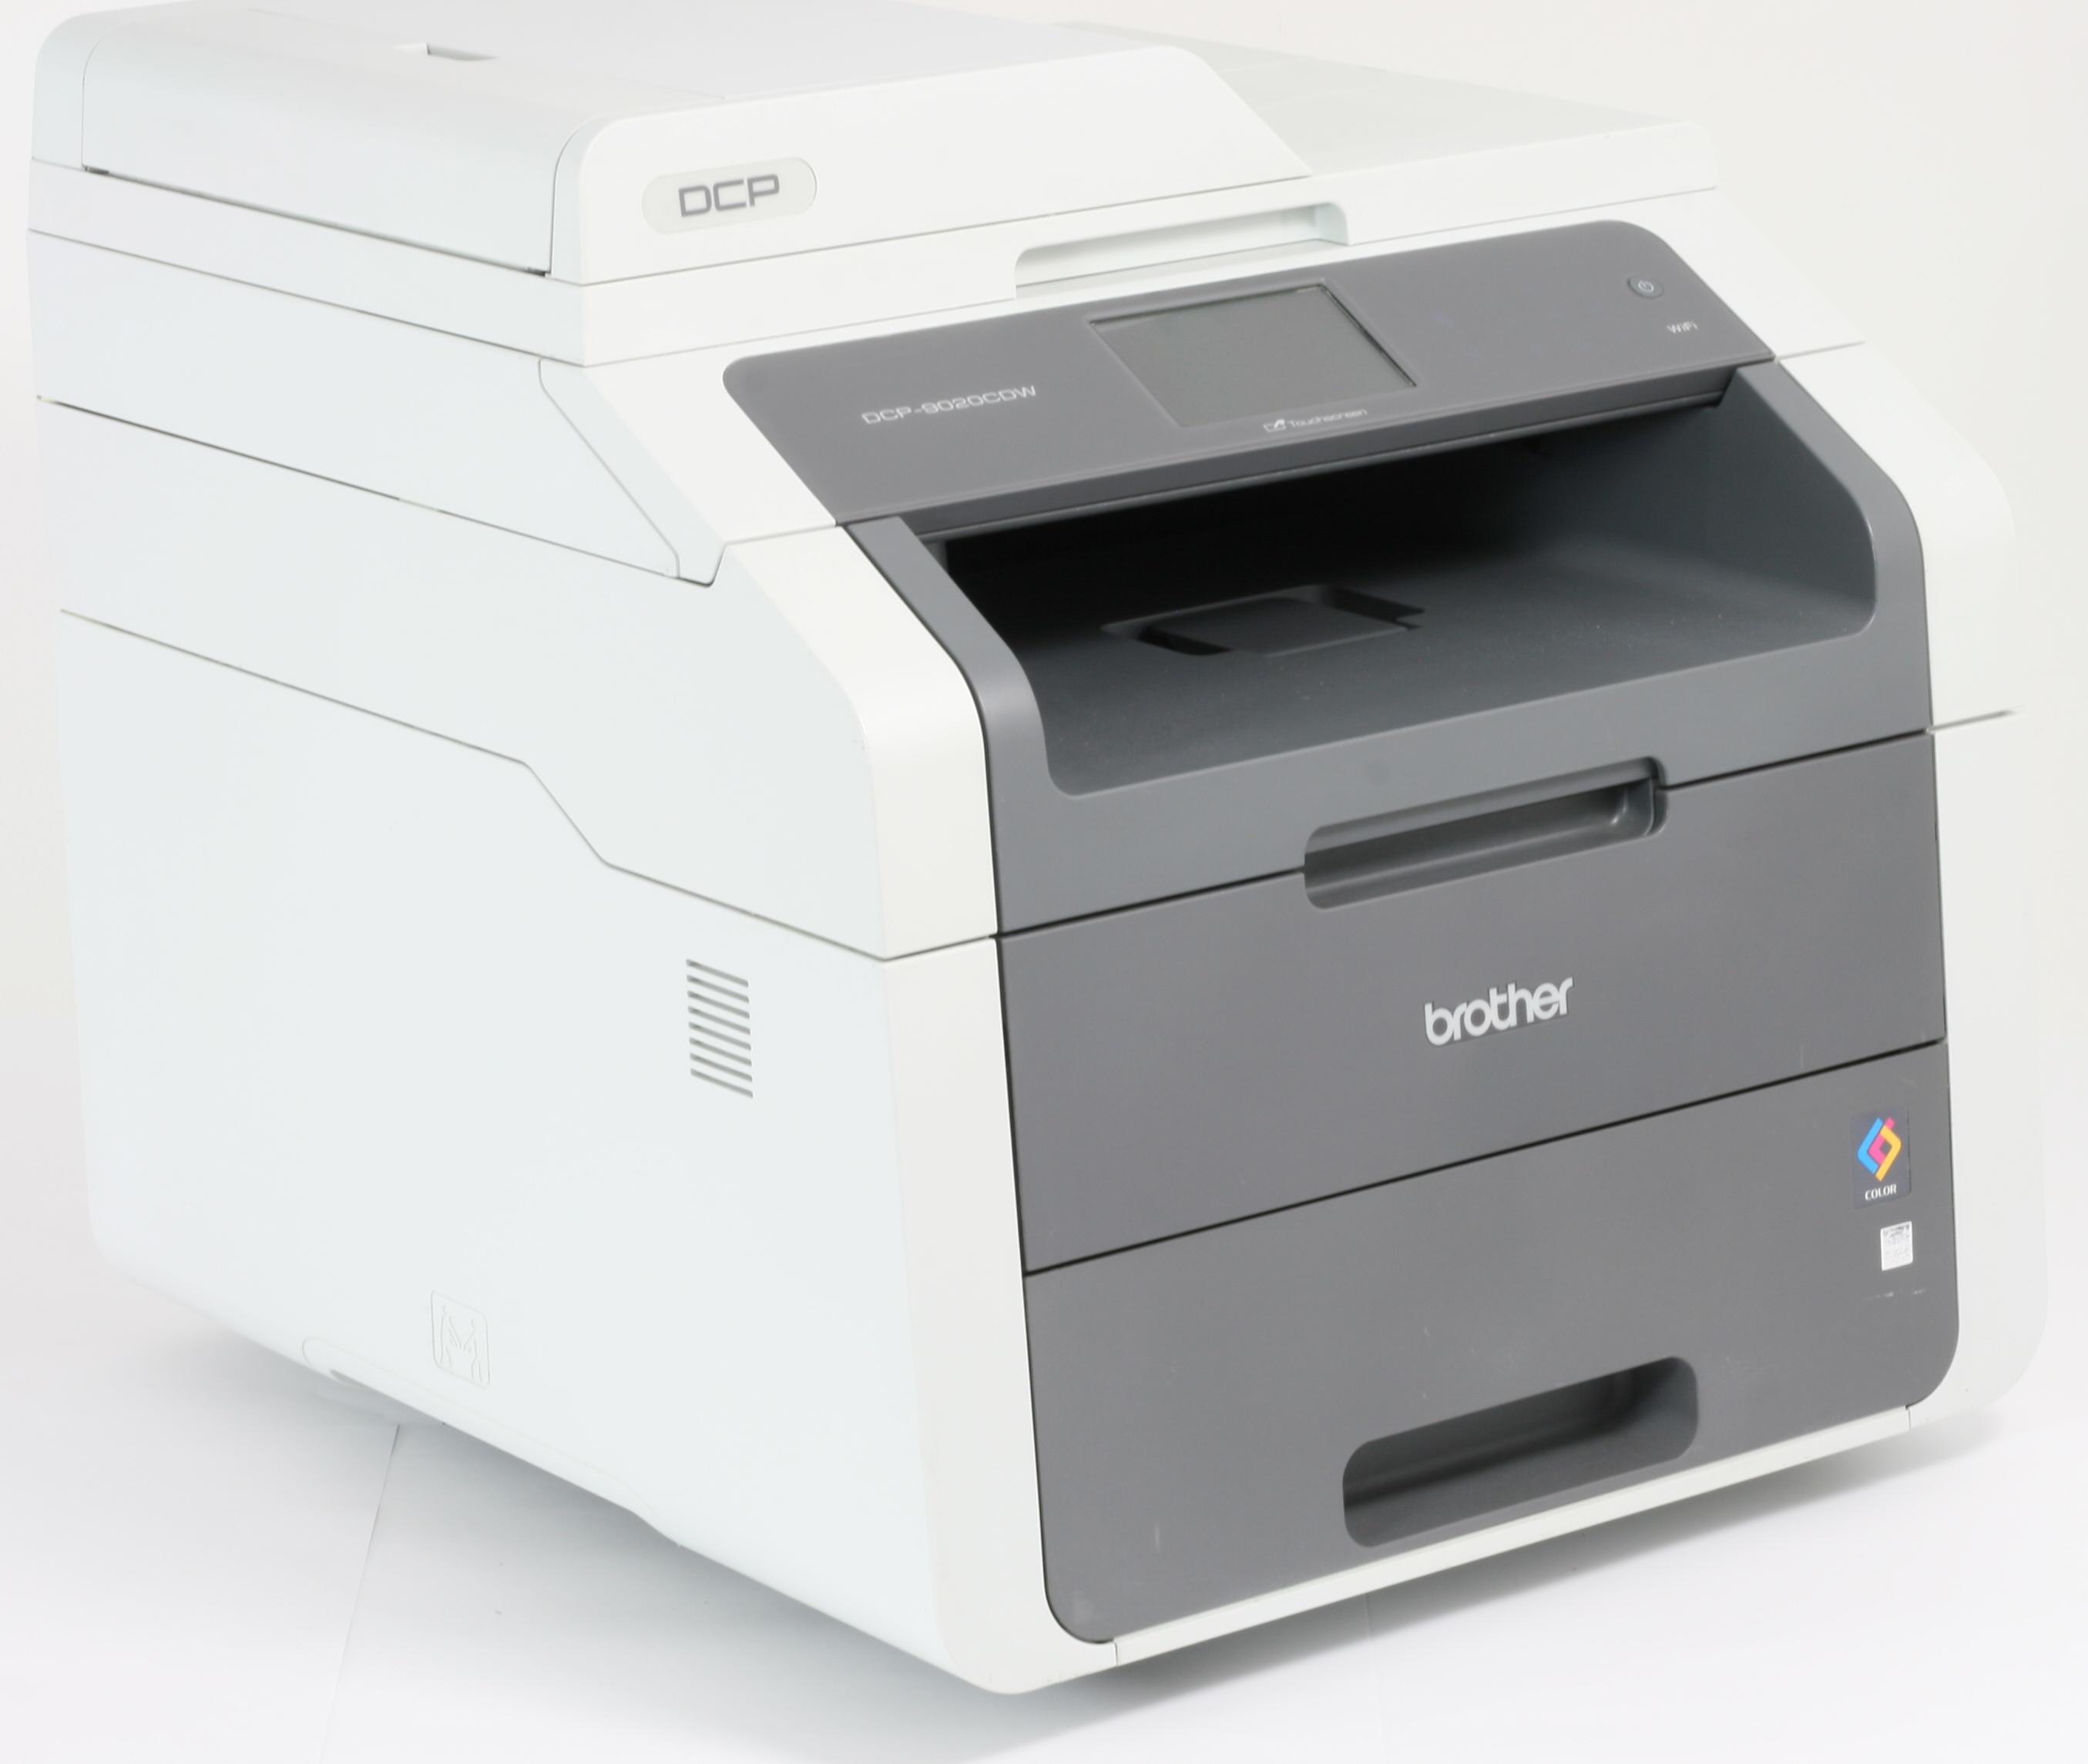 Brother Drucker DCP-9015cdw Laserdrucker Kopierer Scanner Fax Color gebraucht